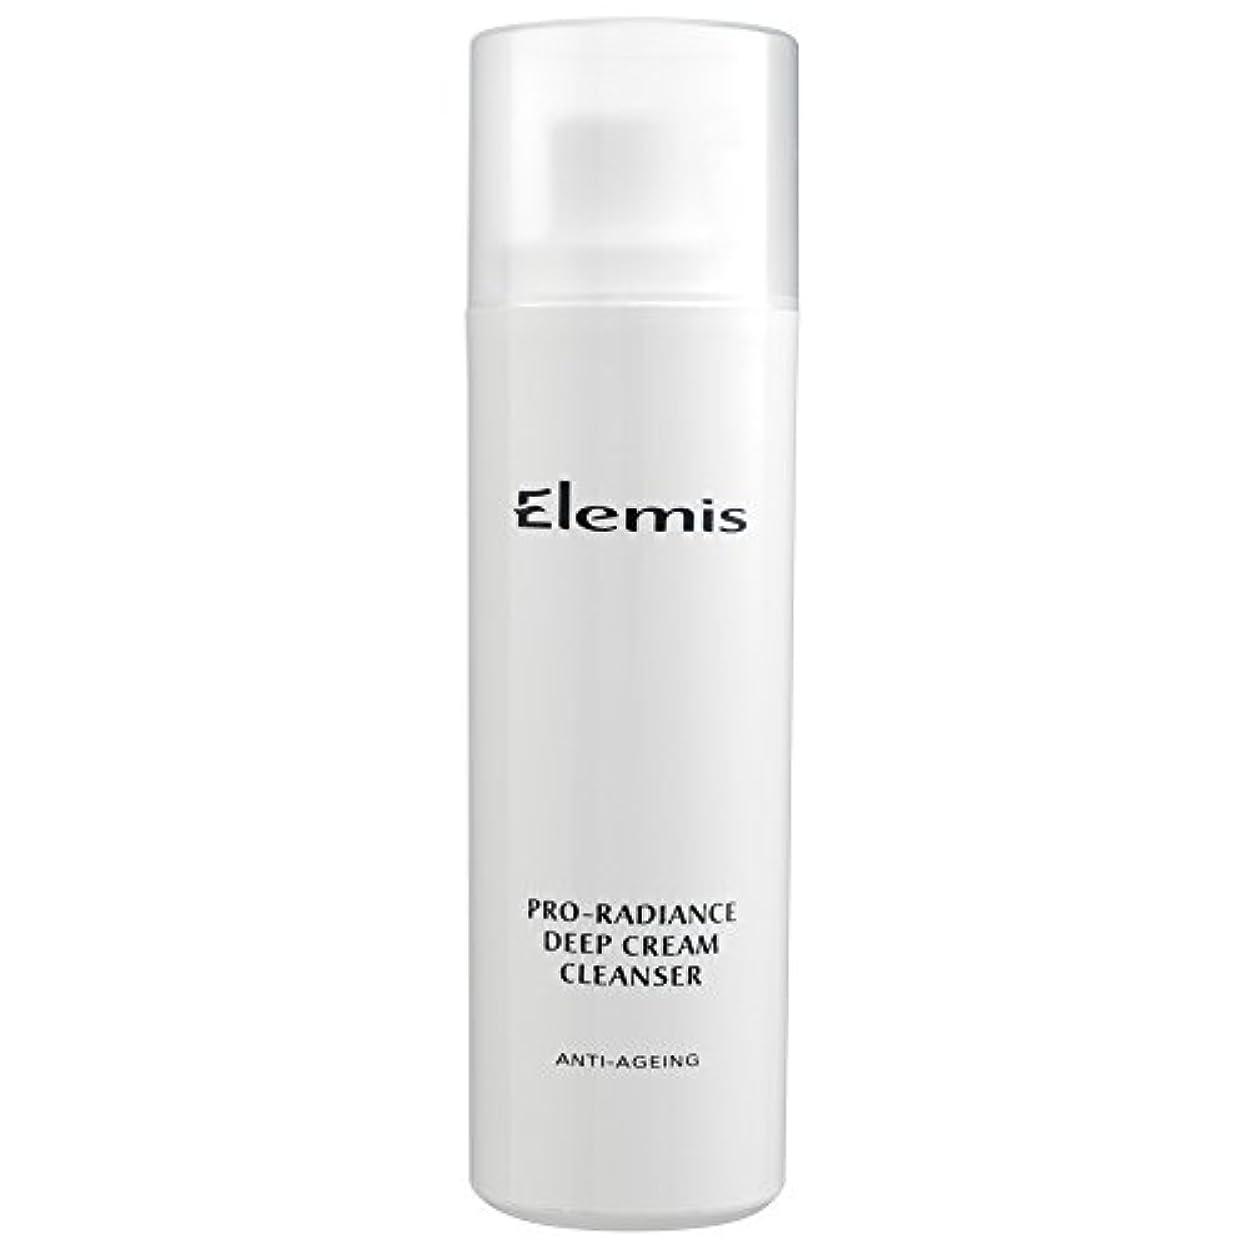 トチの実の木シェードお父さんエレミスプロ輝きクリームクレンザー、150ミリリットル (Elemis) - Elemis Pro-Radiance Cream Cleanser, 150ml [並行輸入品]